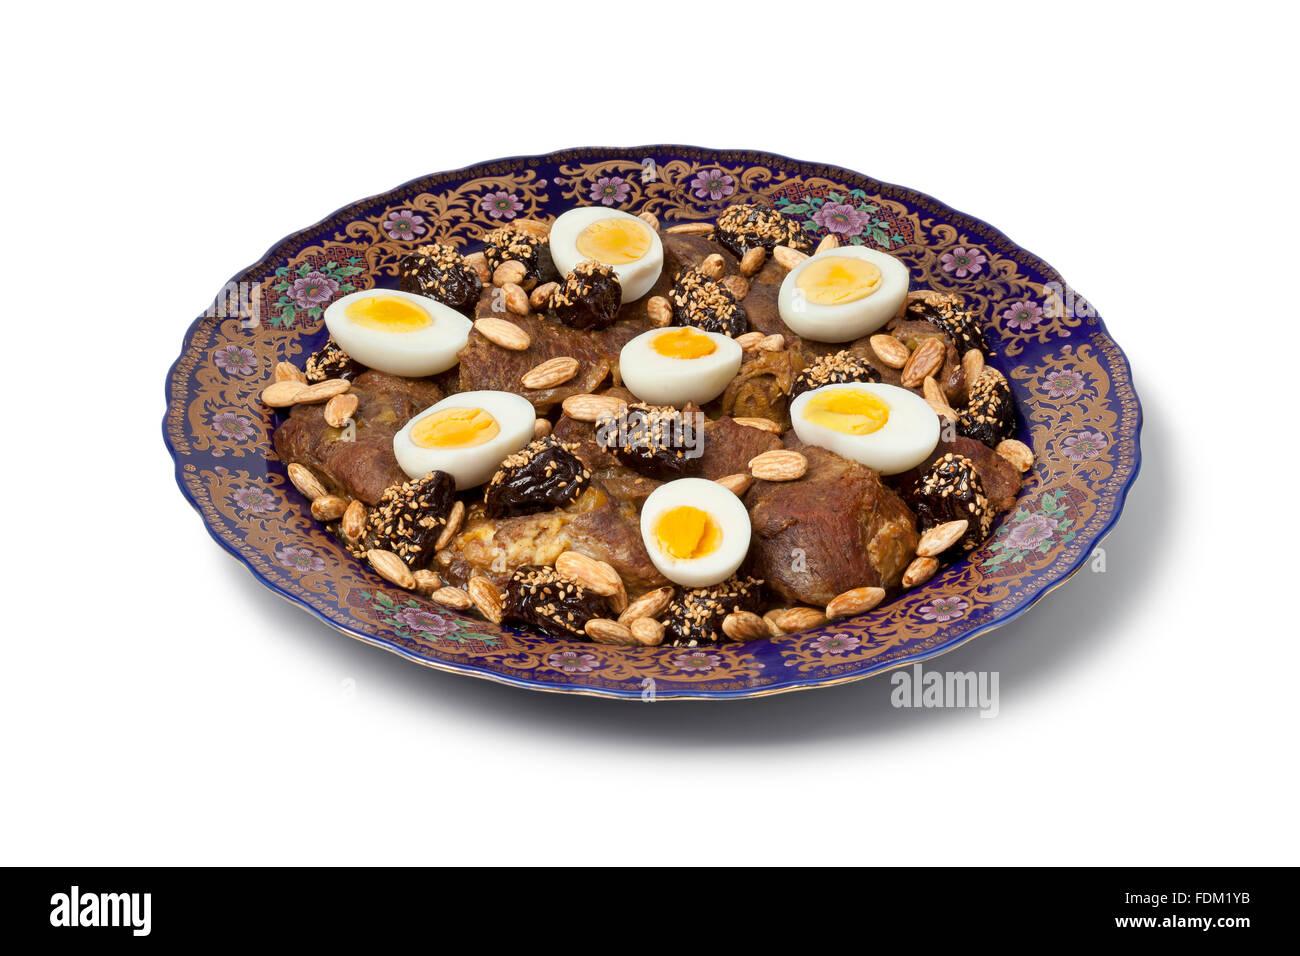 Plat de fête marocaine avec de la viande, les prunes,les amandes et oeufs sur fond blanc Photo Stock